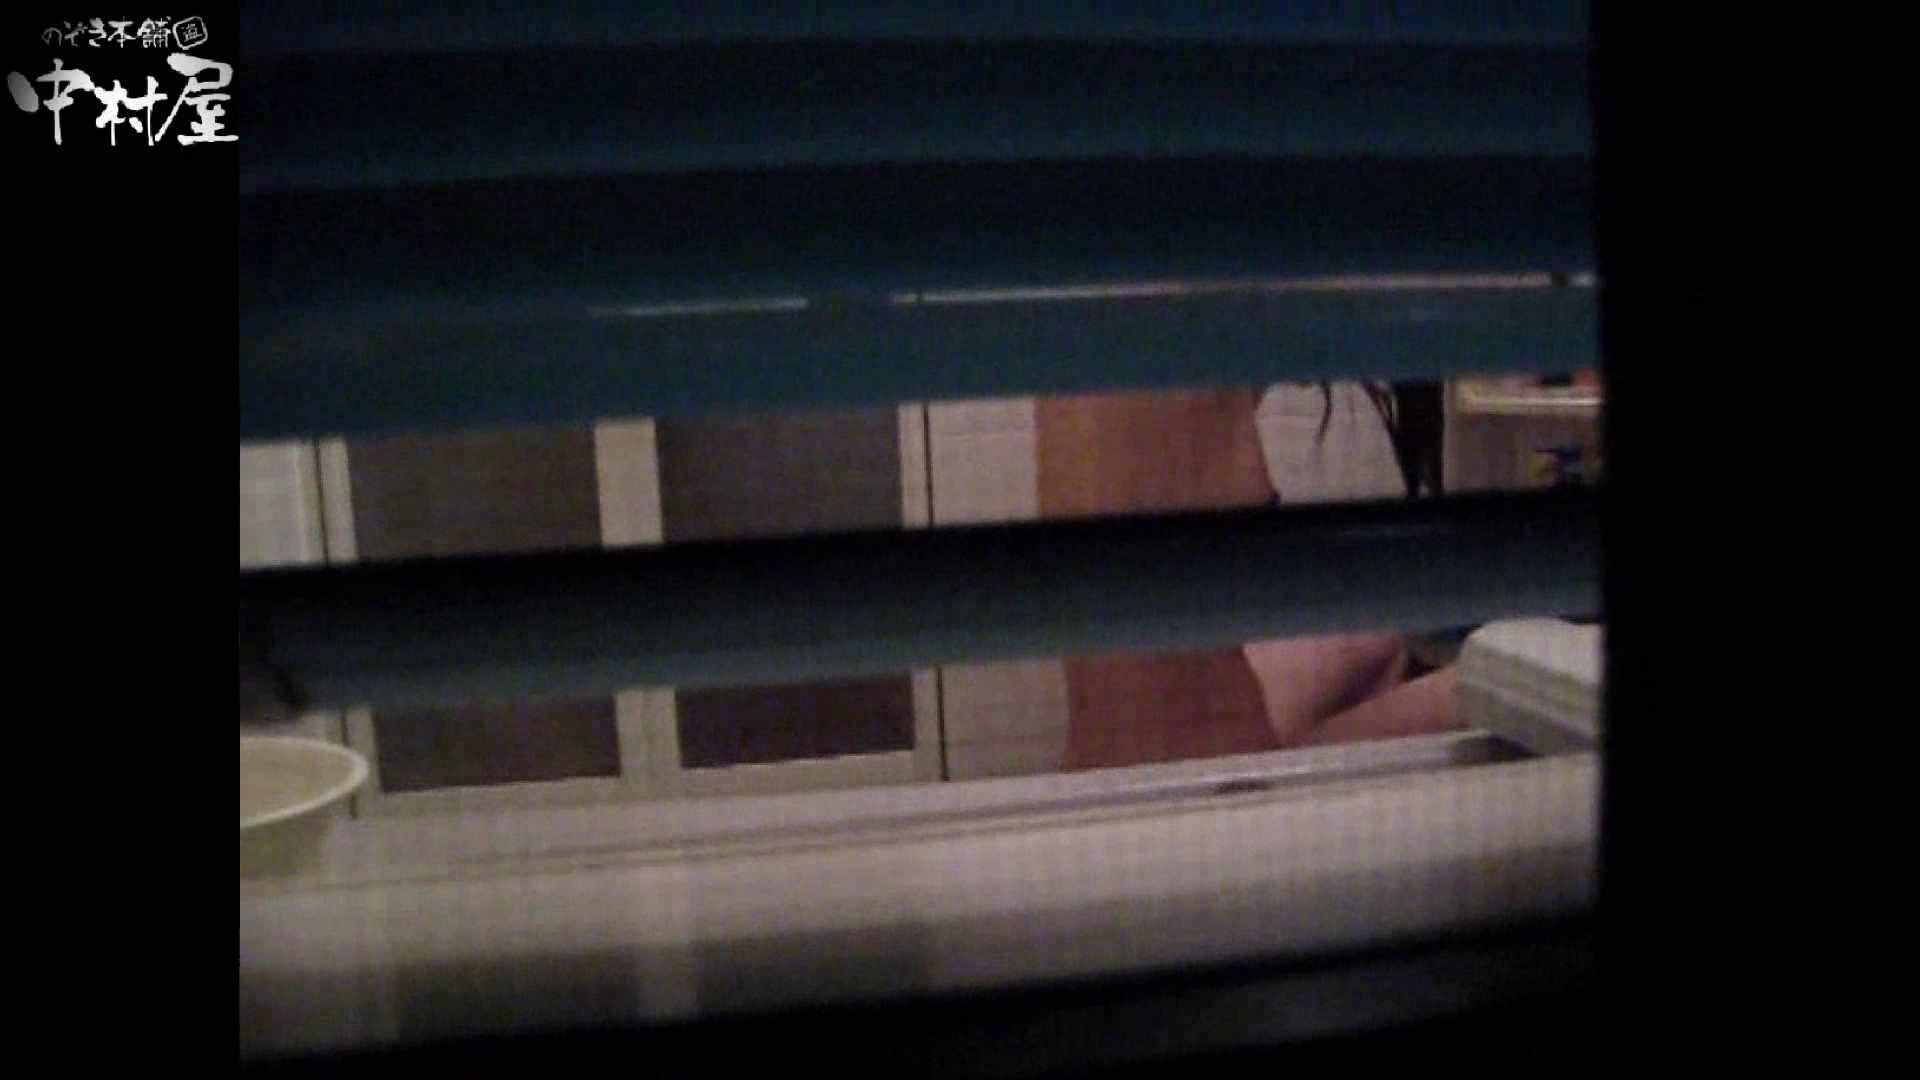 民家風呂専門盗撮師の超危険映像 vol.022 美少女エロ画像 えろ無修正画像 54PICs 11